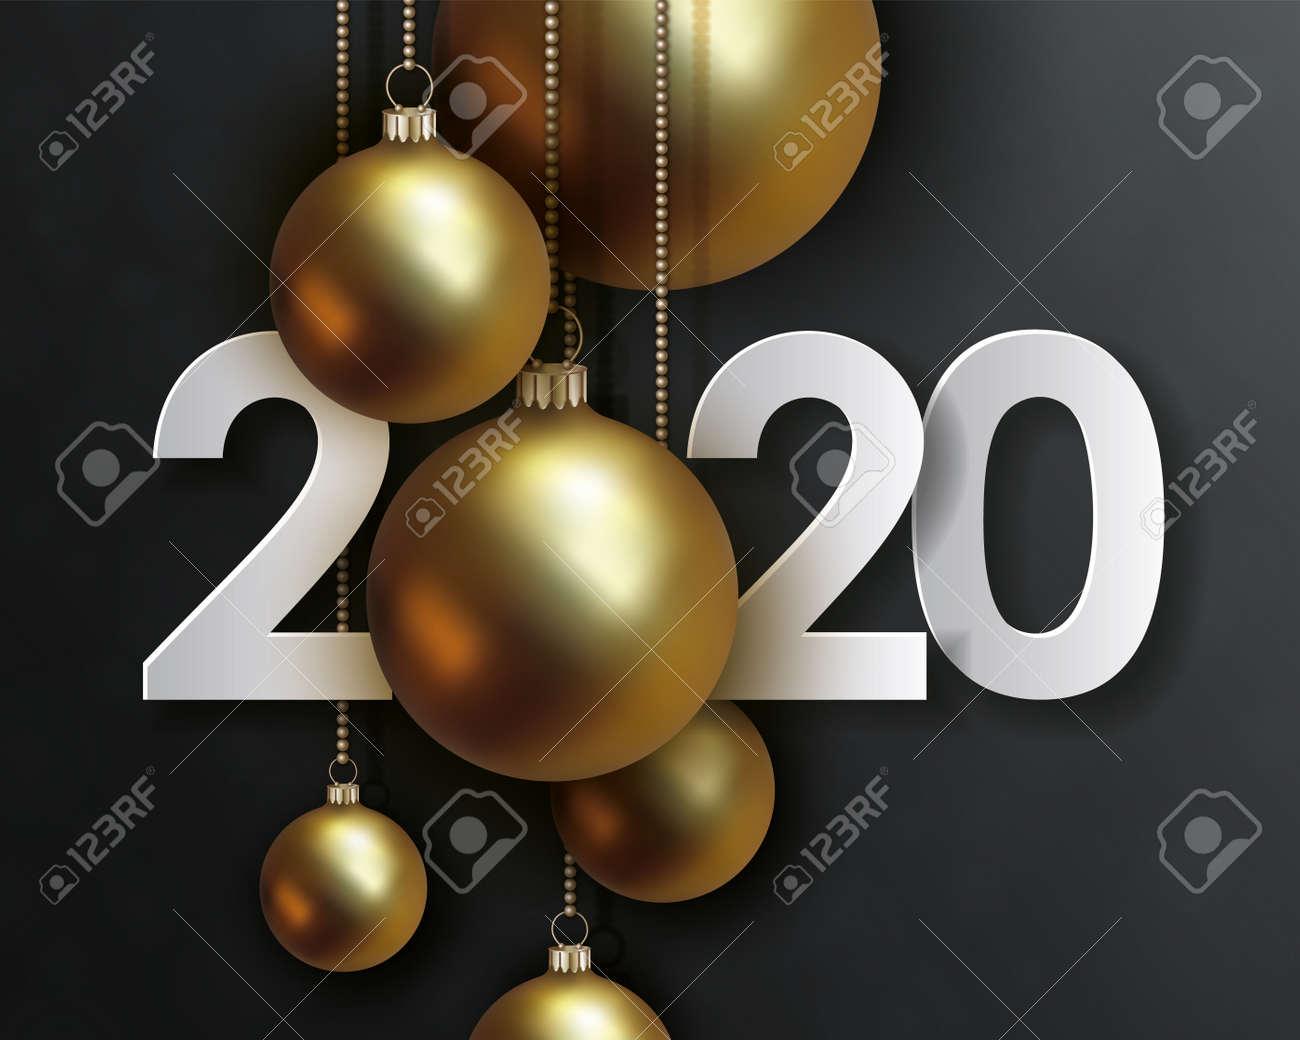 Christmas Date 2020 2020 Happy New Year, Creative Date Design. White Volumetric